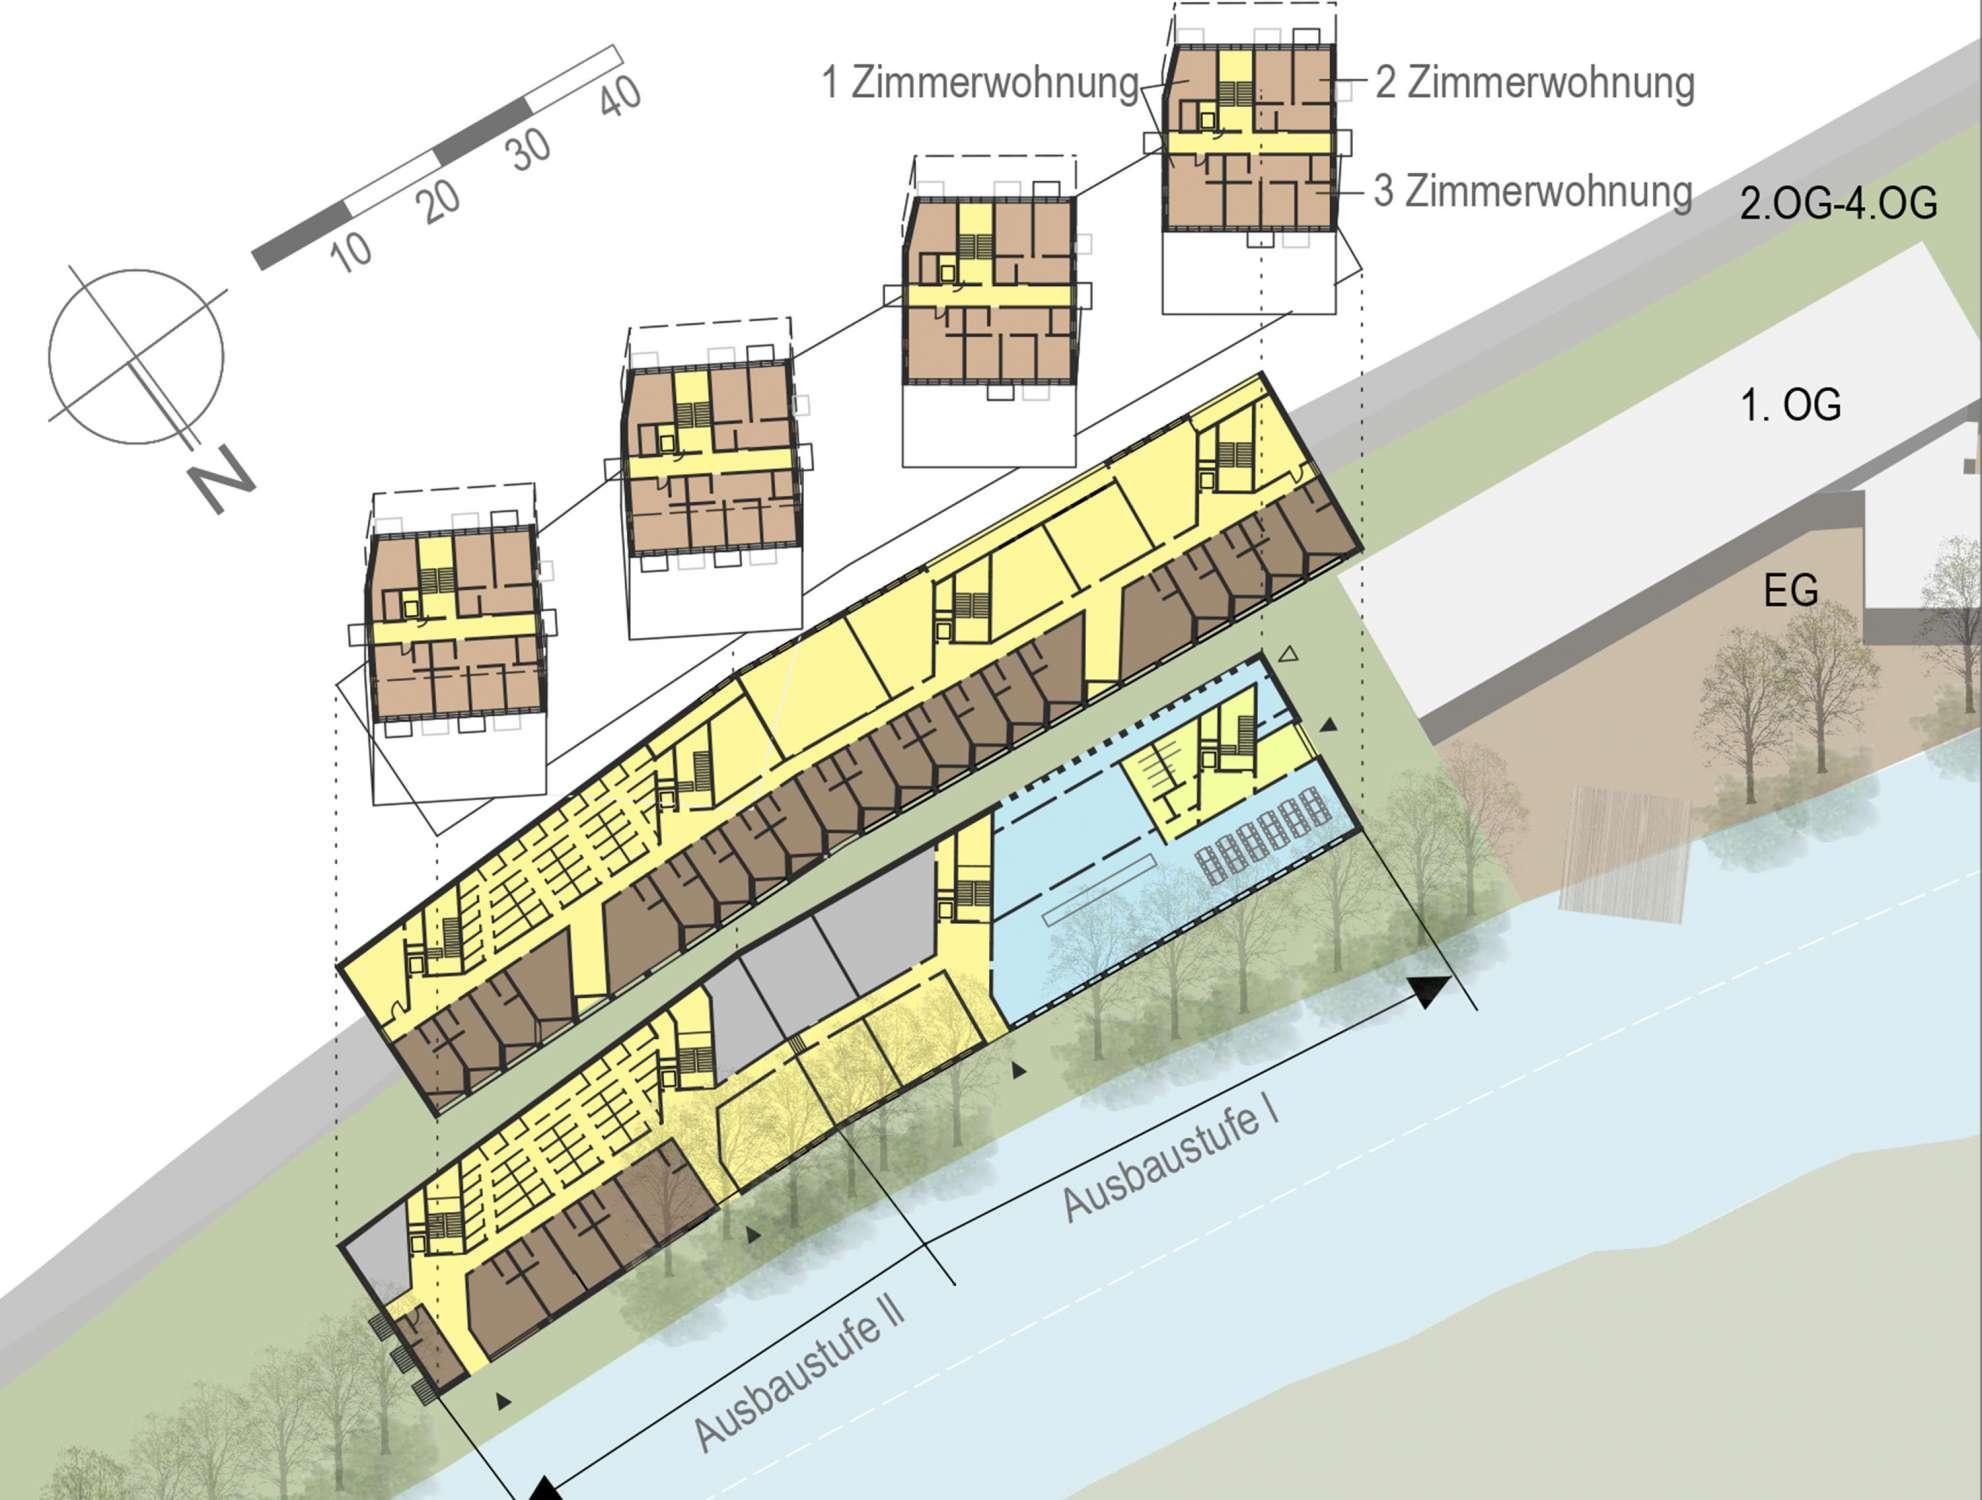 Städtebauliche Entwicklung Campus Reinhold-Würth-Hochschule (7)